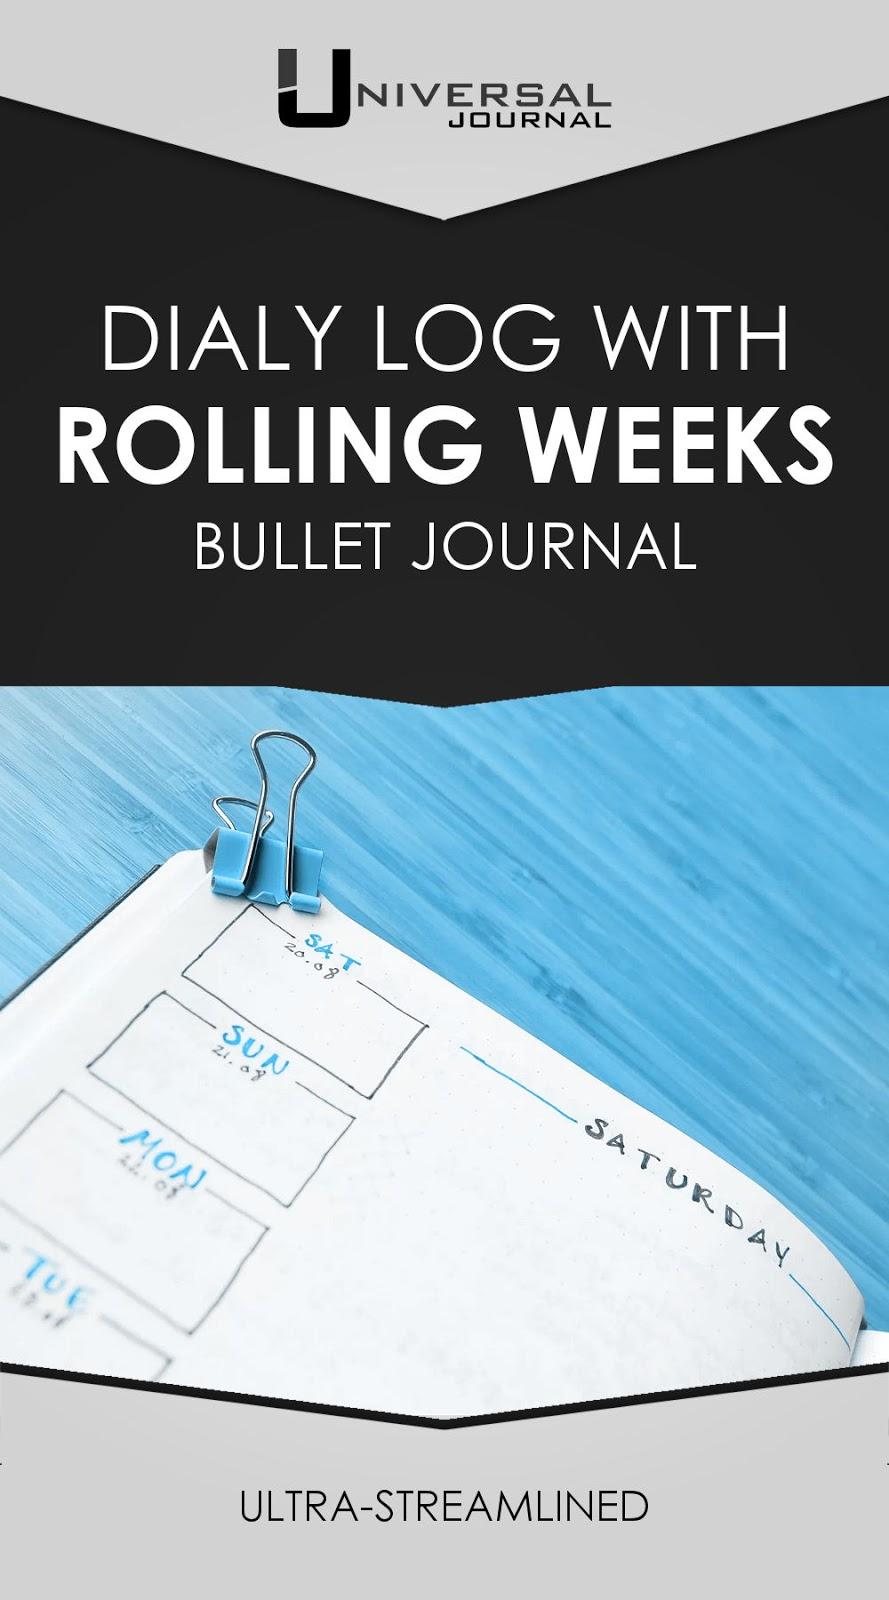 bullet journal rolling weeks daily log tip